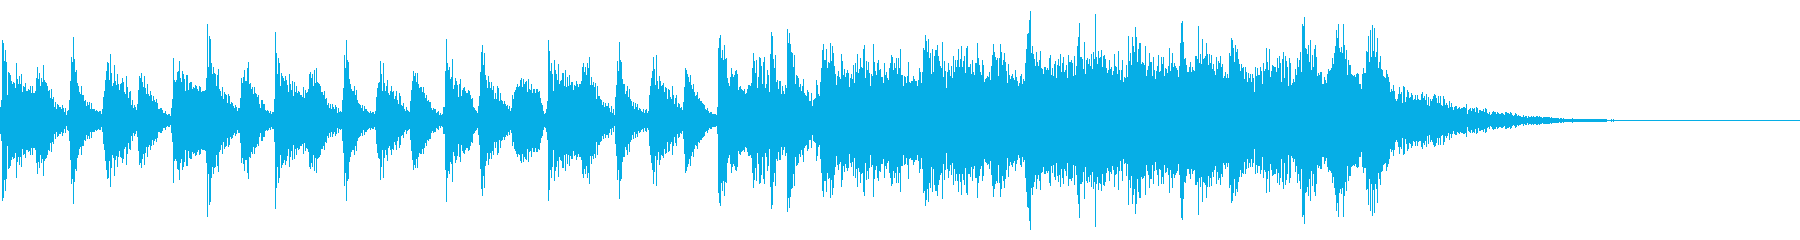 ニュースオープニング(モノラル)の再生済みの波形